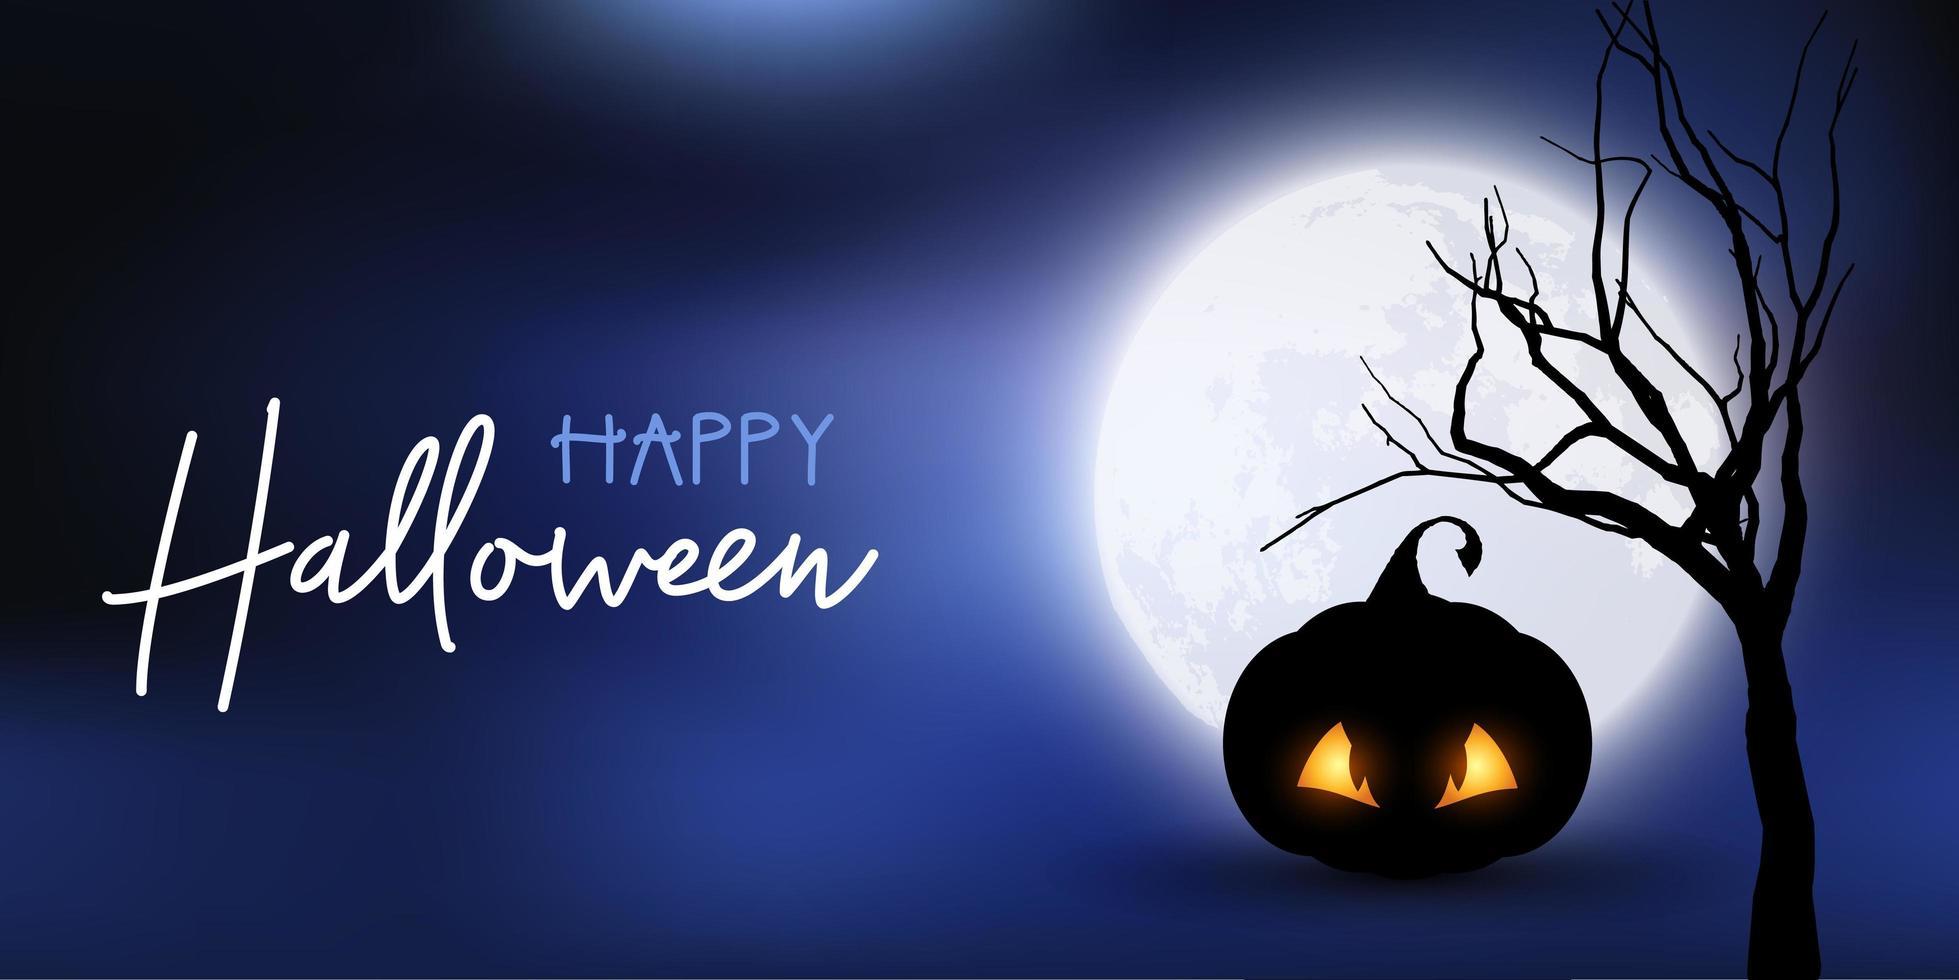 Banner de Halloween con calabaza espeluznante contra el cielo iluminado por la luna vector